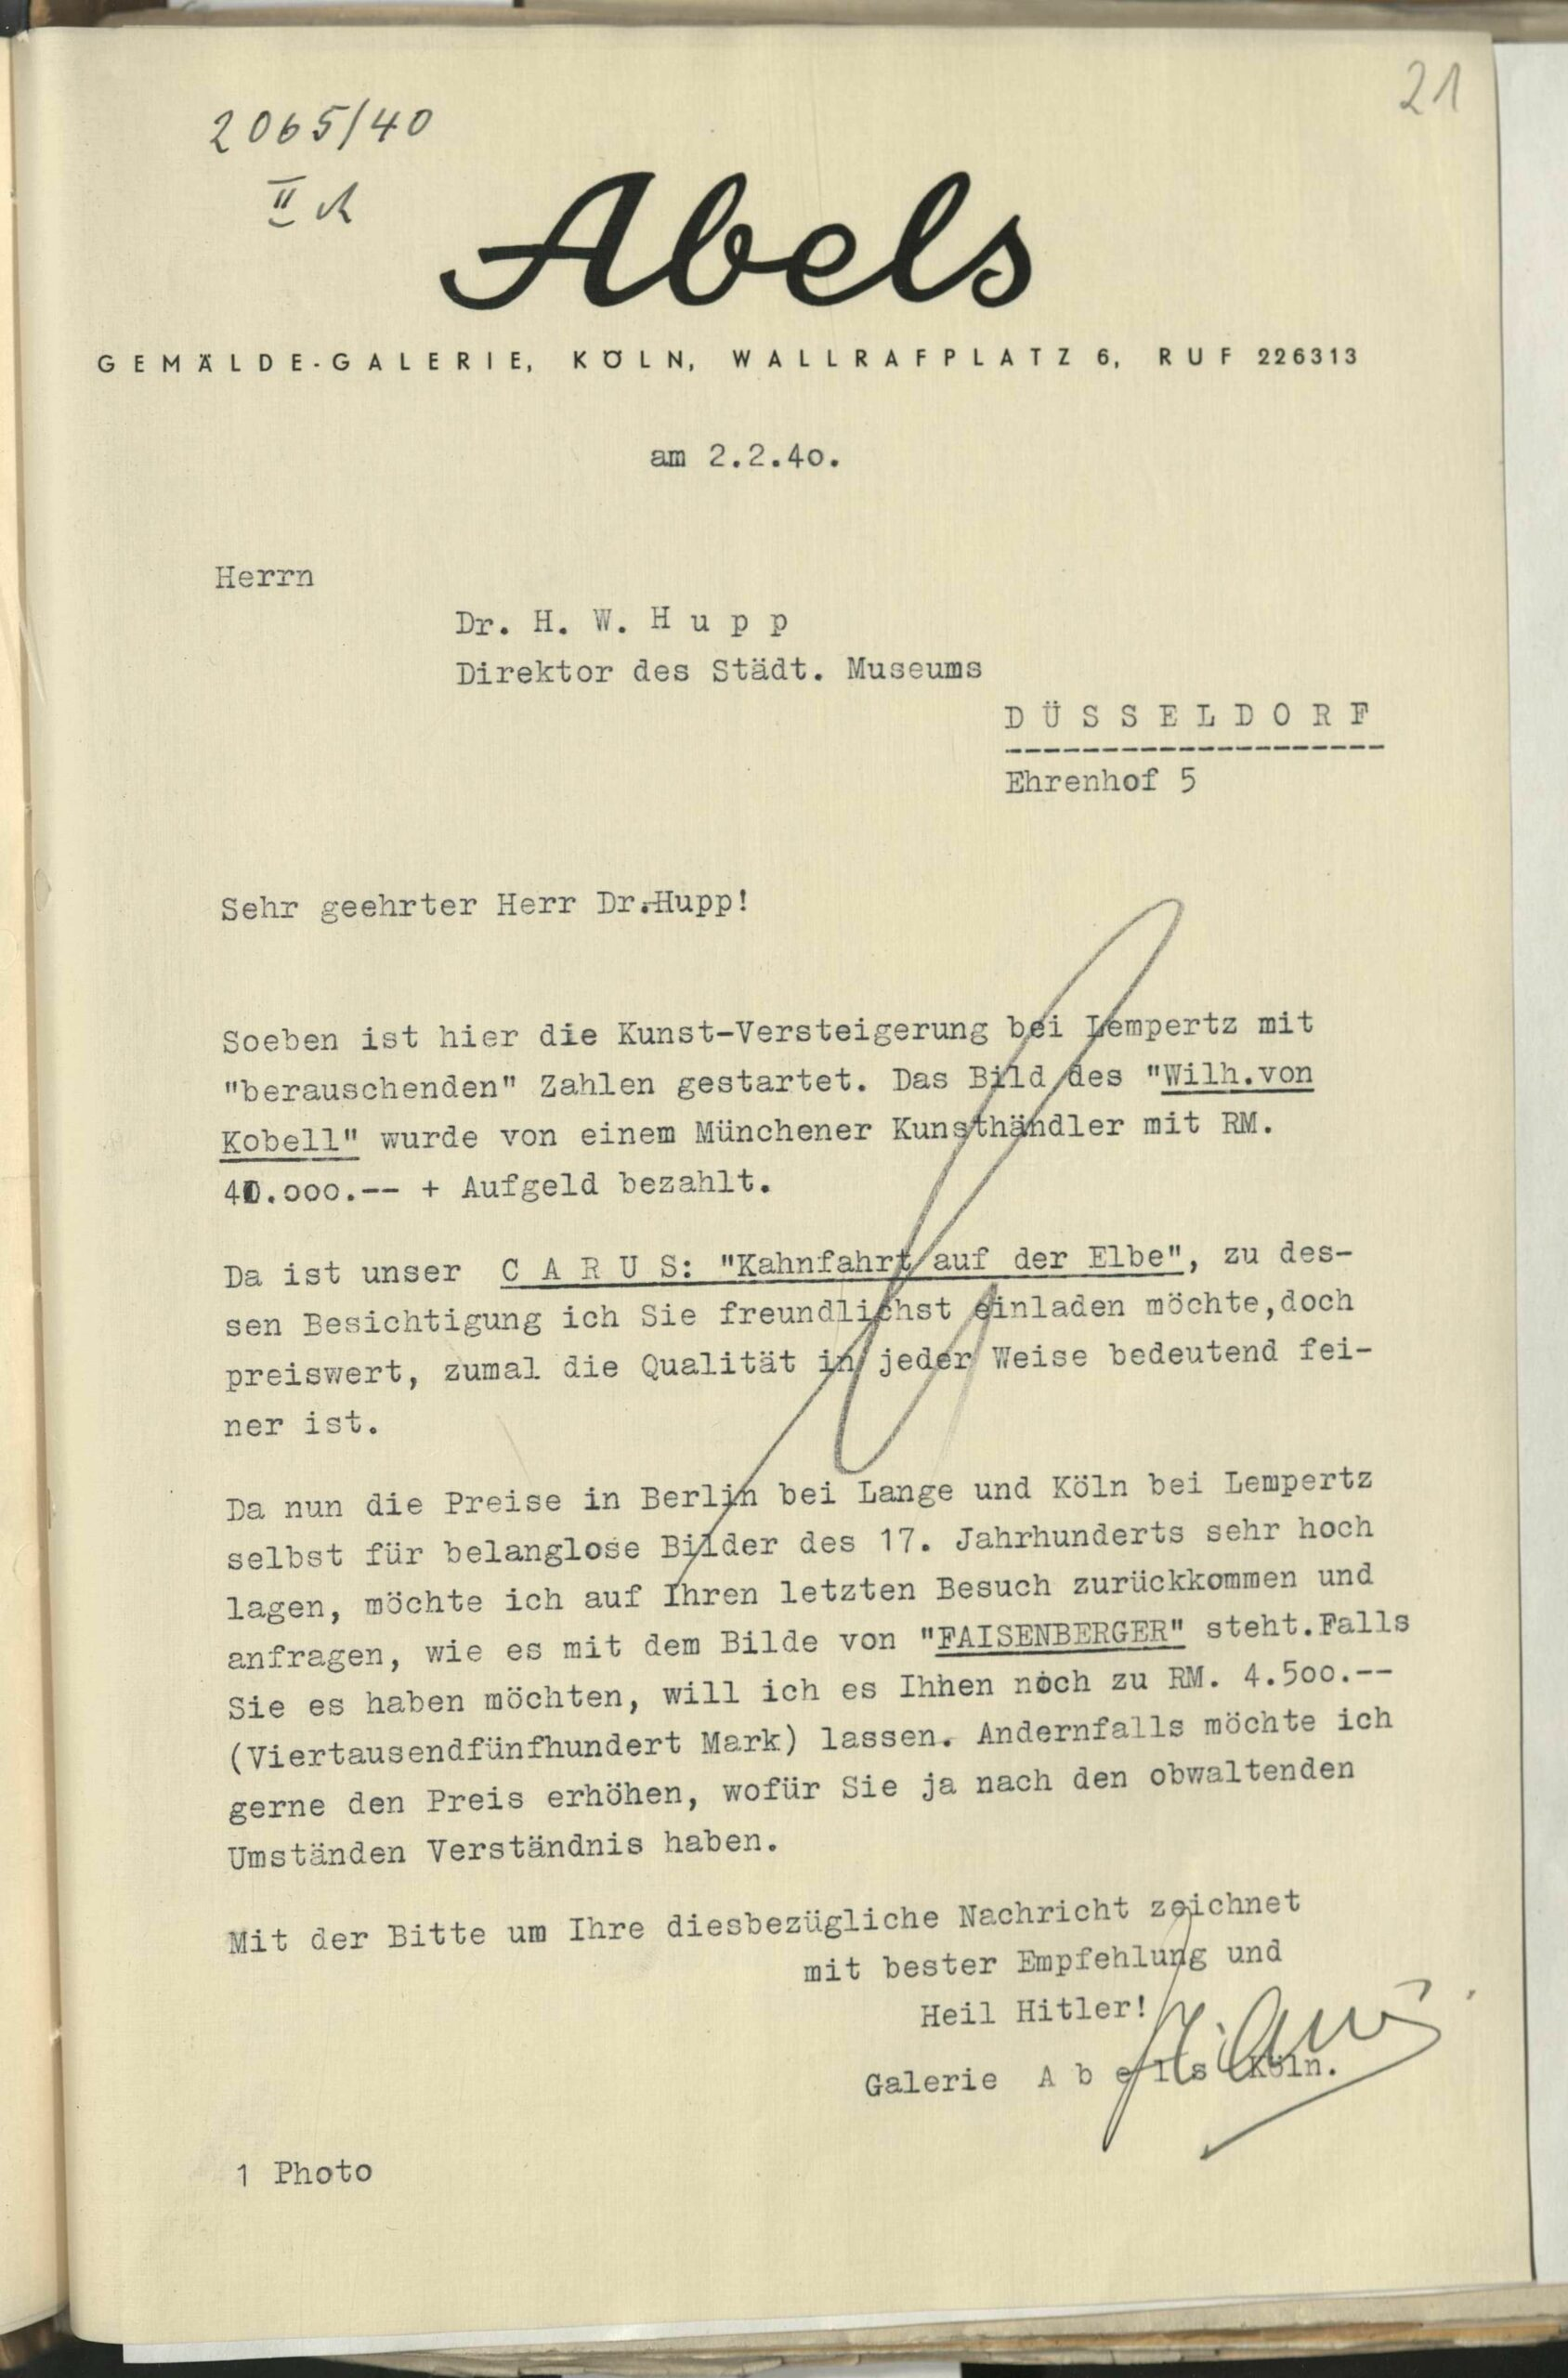 """Abb. 2 Original des Angebots von Carl Gustav Carus """"Kahnfahrt auf der Elbe"""" durch die Gemäldegalerie Abels (Köln) mit Provenienzangabe aus dem sächsischen Königshaus."""